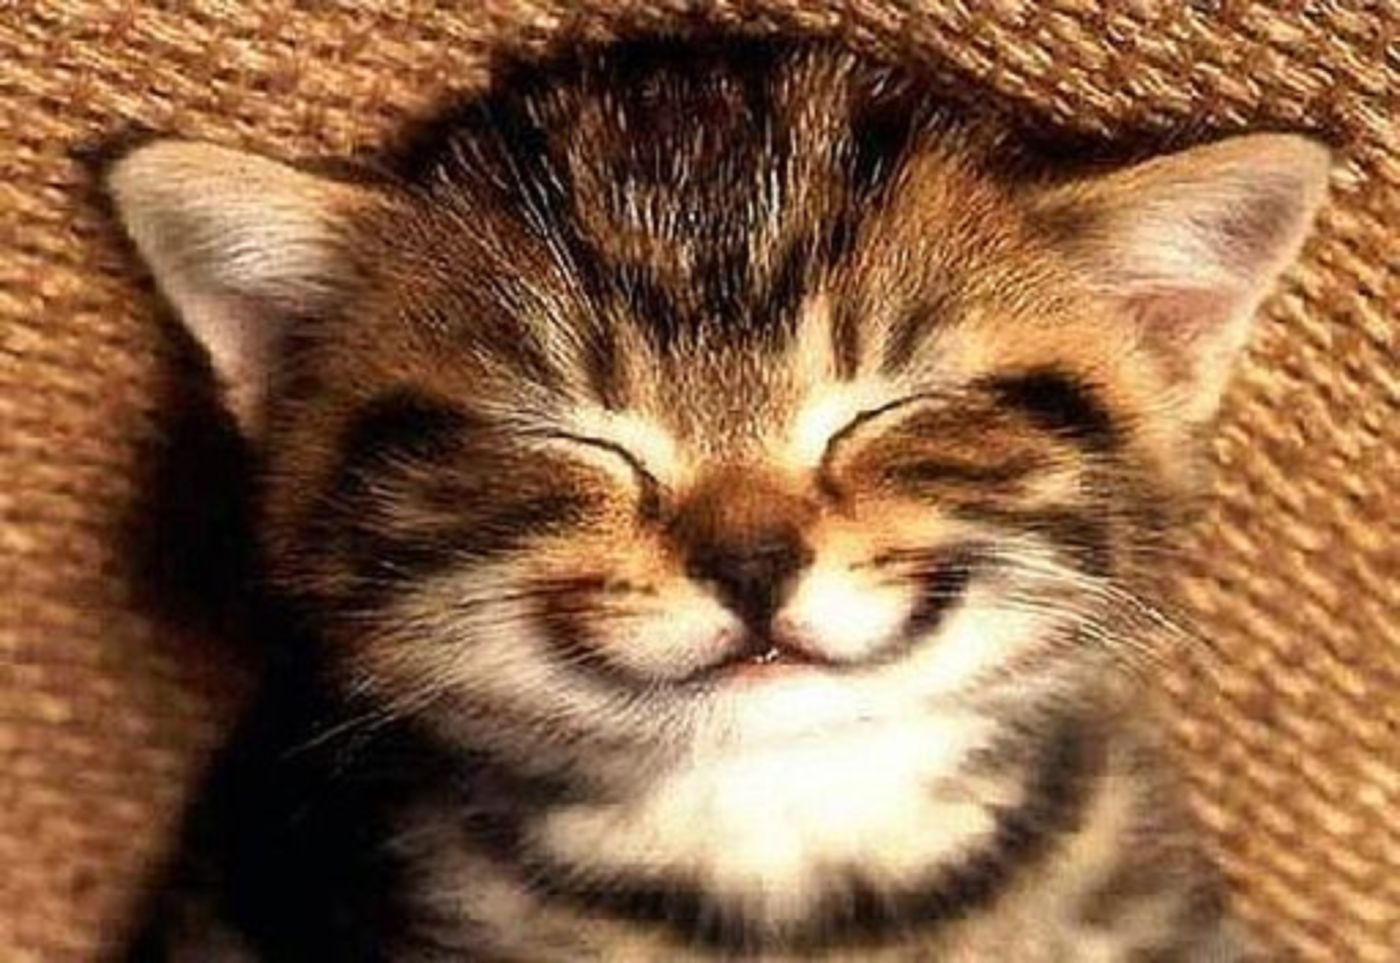 7 thói quen giúp bạn luôn hạnh phúc đã được khoa học chứng minh - Ảnh 5.